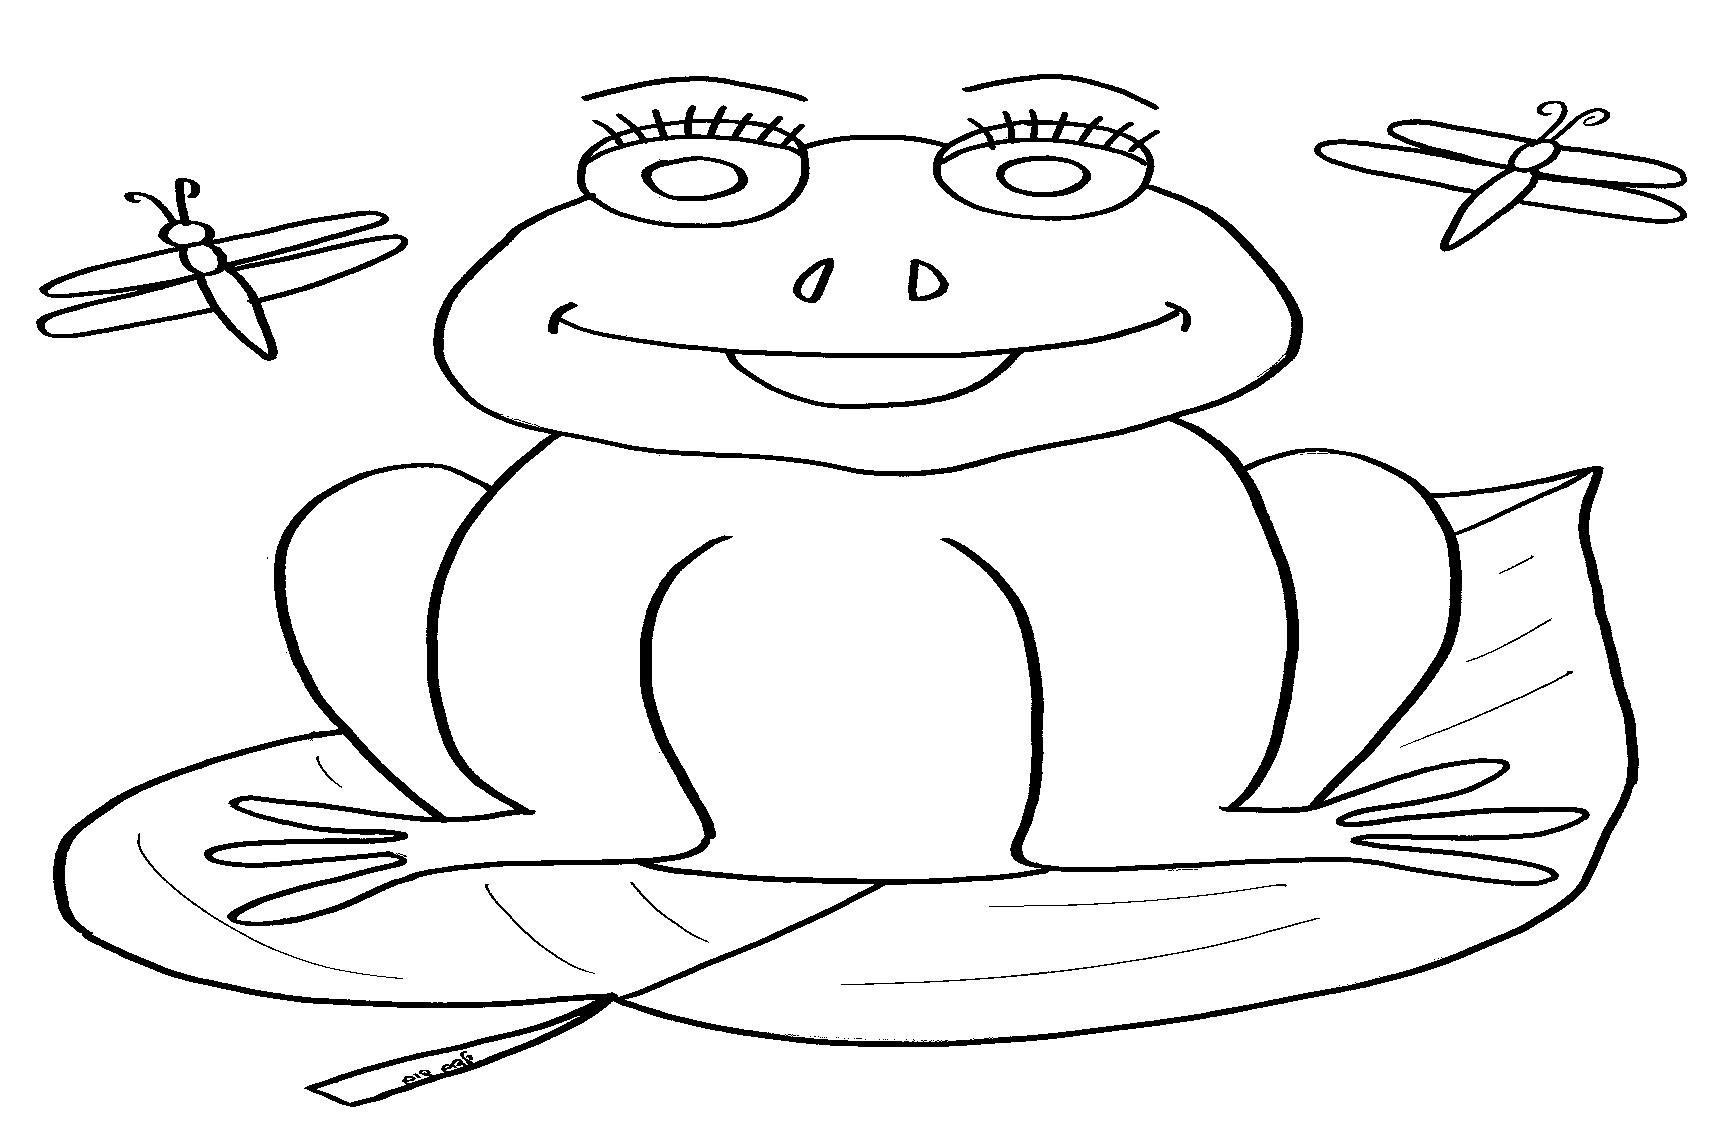 דף צביעה צפרדעים